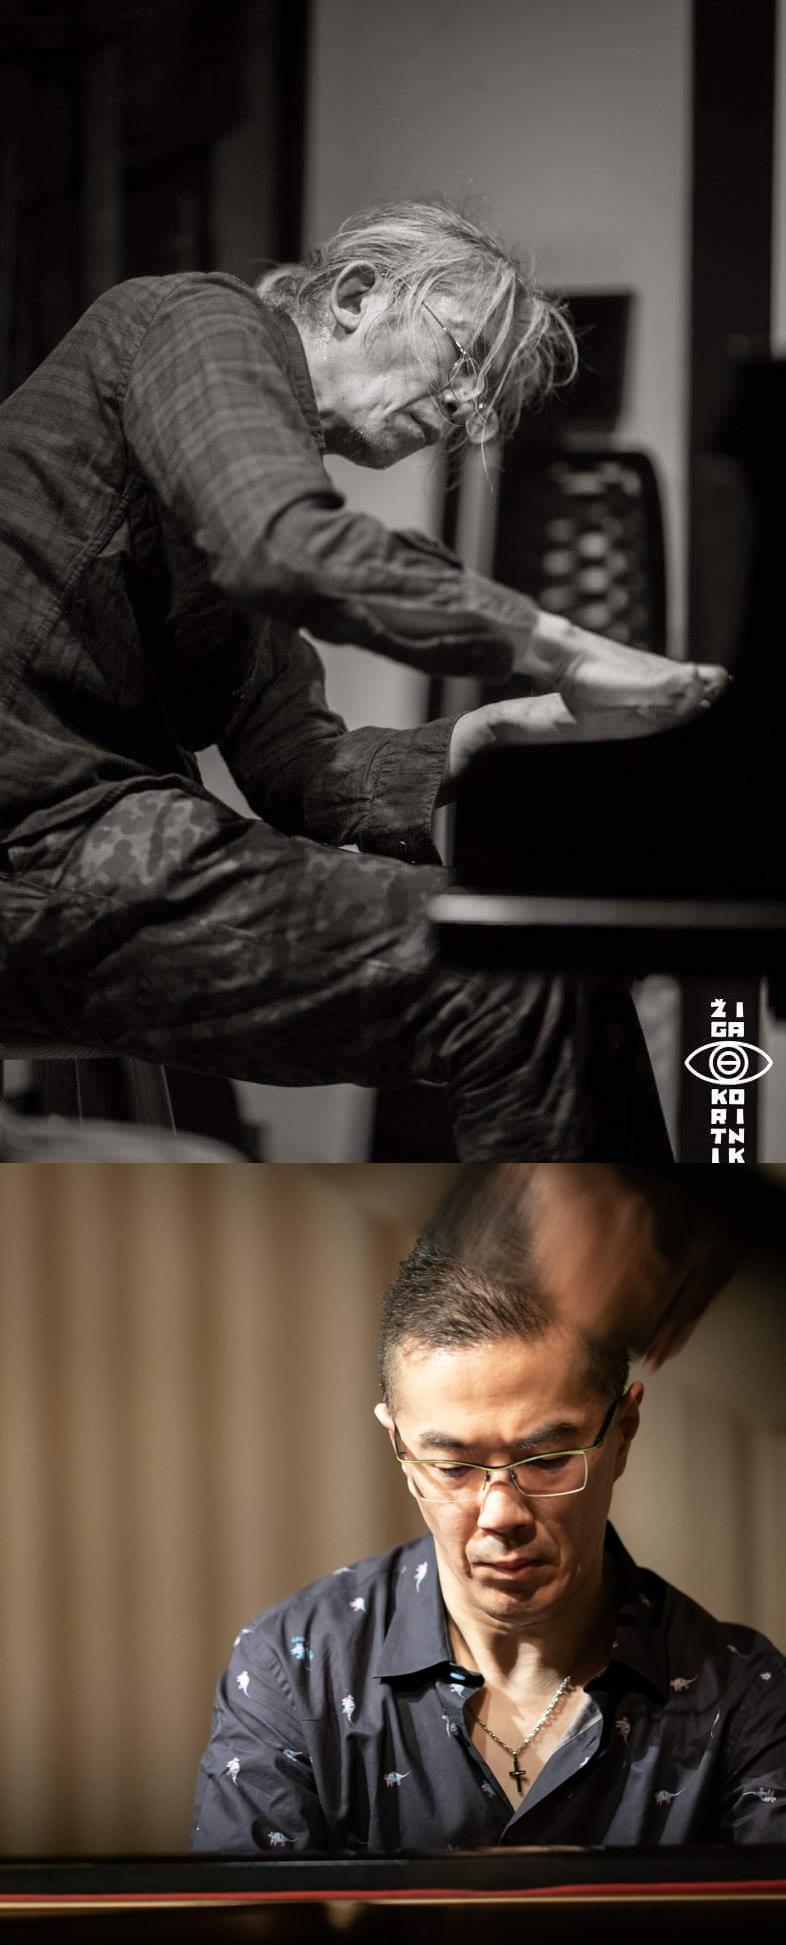 《千野秀一×照内央晴 2台のグランドピアノによる即興演奏》